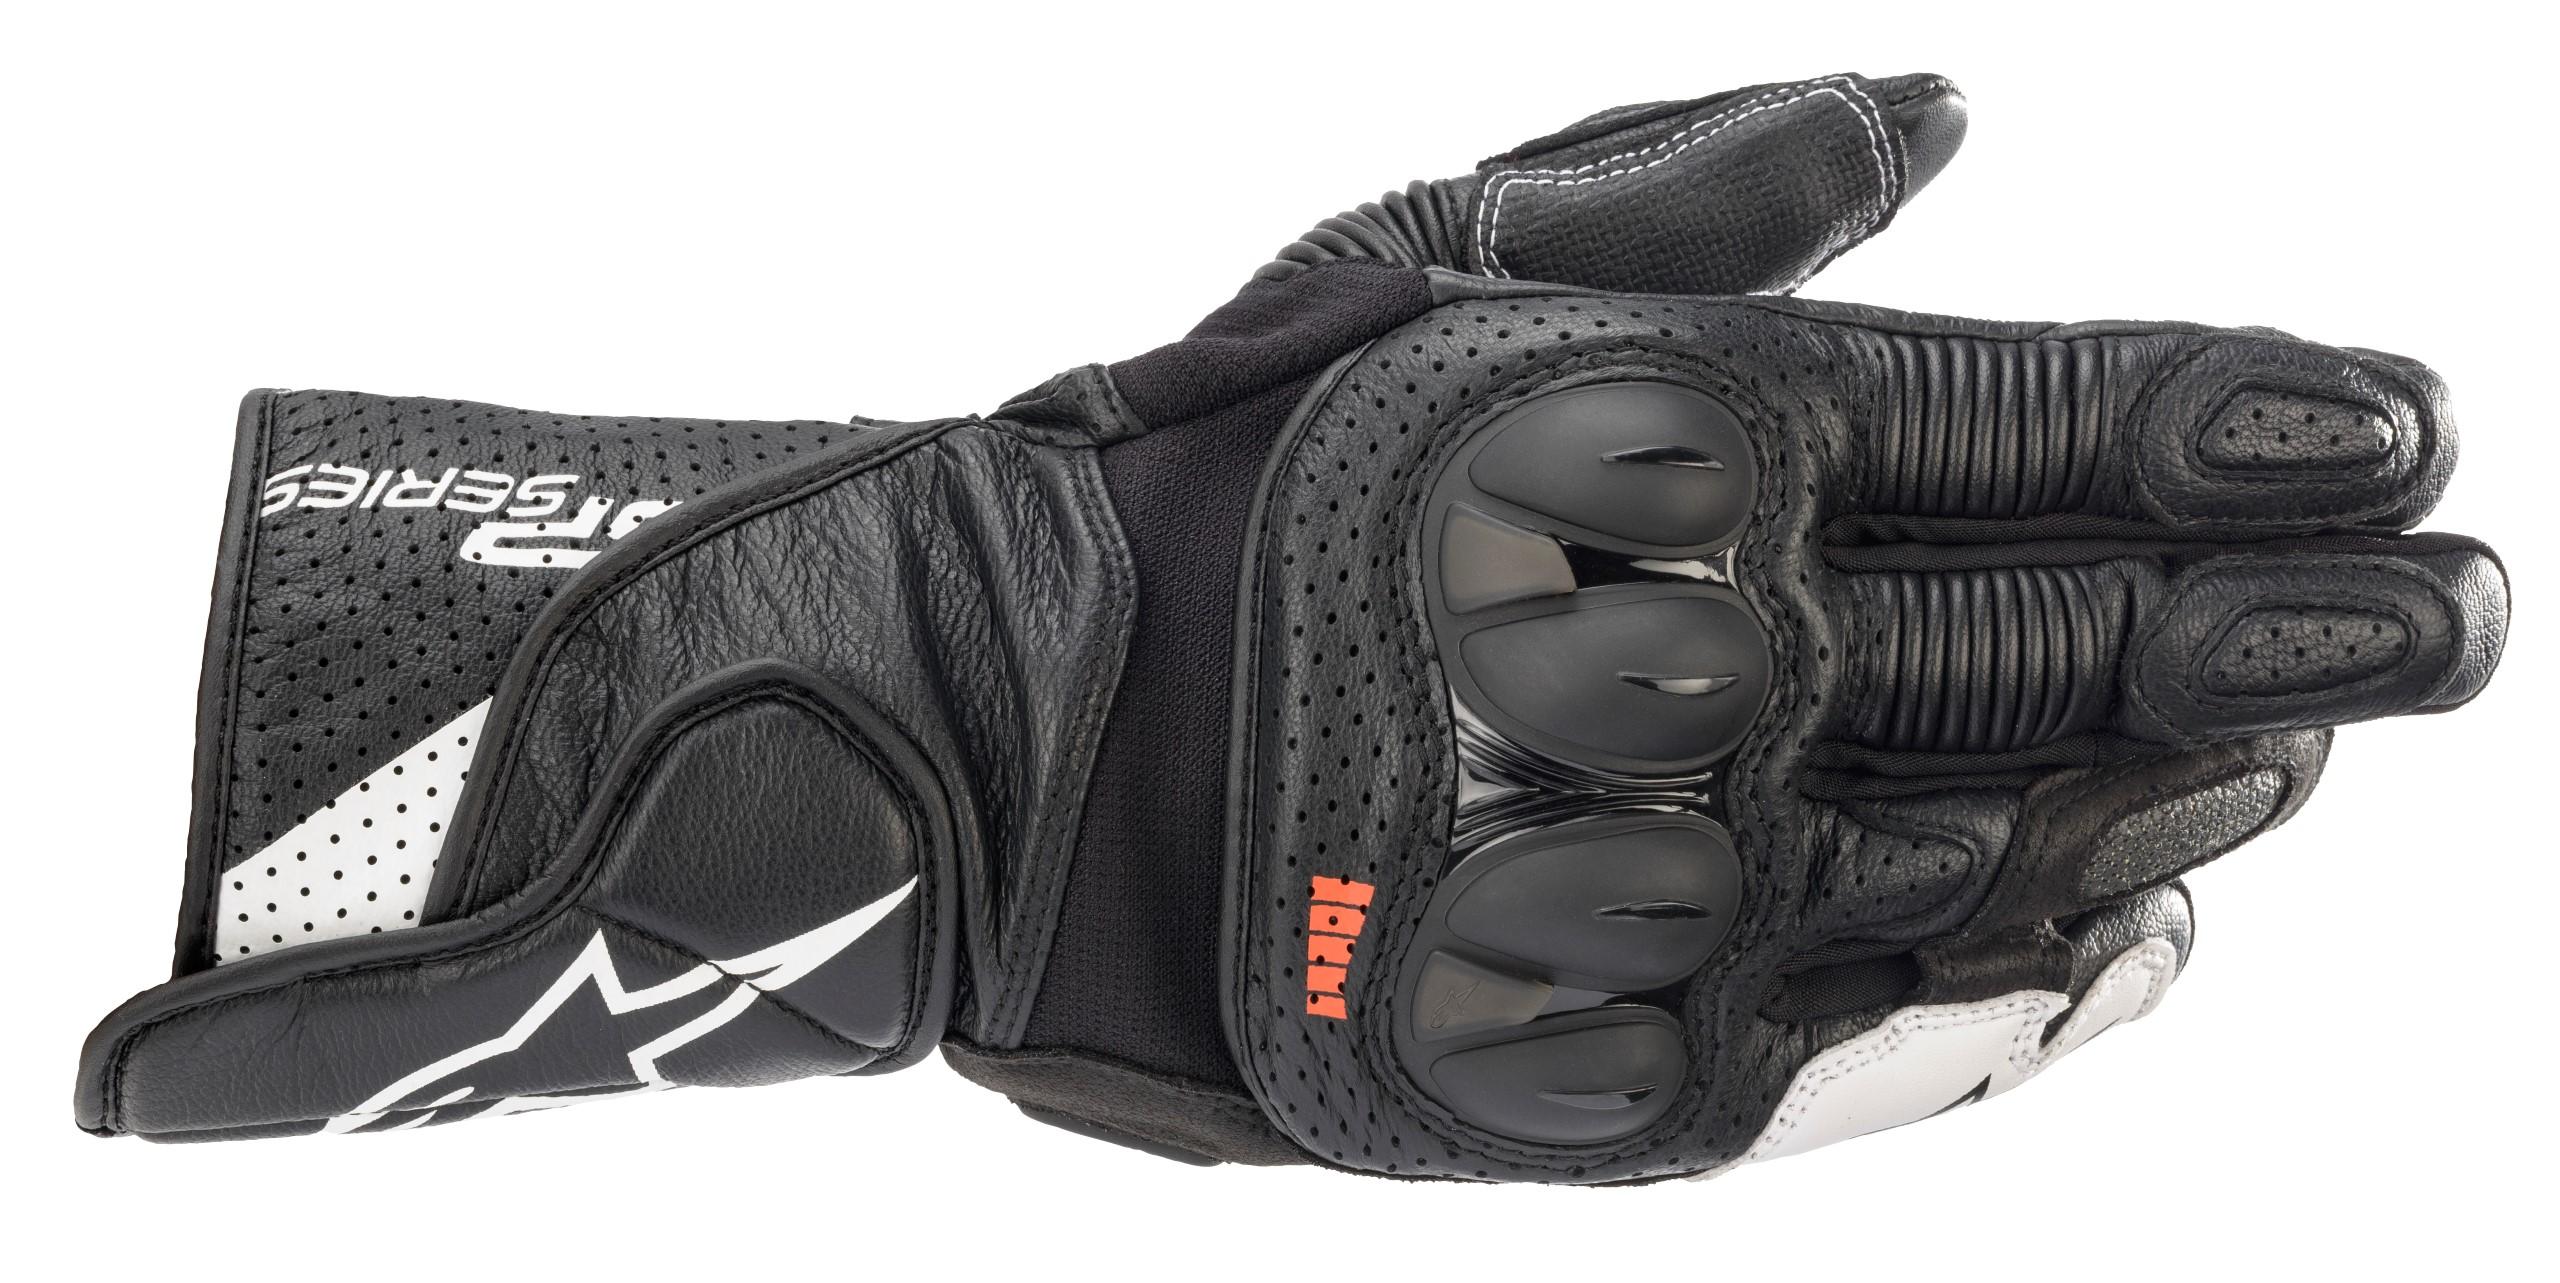 3558221-12-fr_sp-2-v3-glove